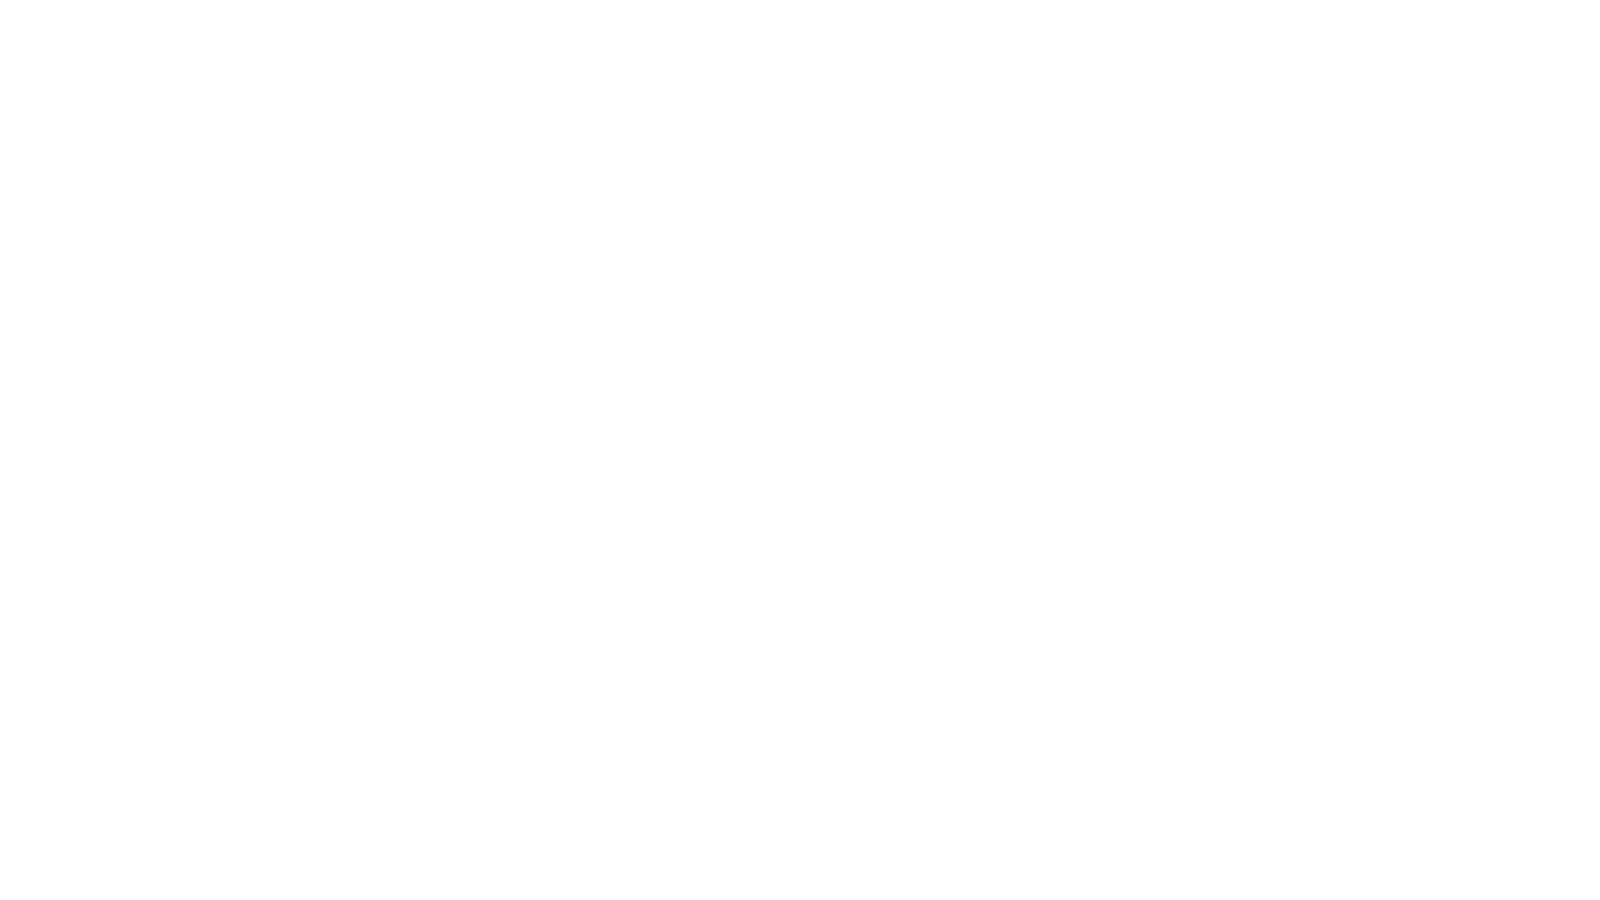 """Основные вопросы: - Как перейти на мероприятия в онлайн формате; - Правила успешного онлайна; - Необходимые инструменты для проведения онлайн-мероприятий.  0:00 – Рекламный блок 4:14 – Кирилл Мейстер. Открытие сессии. 6:17 – Владимир Кравченко. Вводное слово, представление спикеров 9:37 – Сервис виртуальных ивентов Vevents.kz – Алексей Баев (Руководитель компании Bayev Group (Vevents.kz)) 18:06 – Digital-инструменты современного бизнеса – Сармантай Касенов (Директор ТОО «1с-Битрикс Казахстан») 39:45 – 10 правил успешного онлайна – Евгения Глушенкова (Исполнительный директор и руководитель event-направления в Агентстве событий """"Авентура"""", г. Санкт-Петербург) 1:05:30 – XR – студия расширенной реальности – Евгений Степанов (эксперт в области мультимедиа, преподаватель, онлайн-продюсер, директор по развитию Компании Dreamlaser) 1:18:35 – Режиссура онлайн-мероприятий – Наталья Рослан (режиссер-постановщик, продюсер и автора сценариев многочисленных шоу, концертов, мюзиклов и церемоний, Лауреат премии союза театральных деятелей России, Руководител - РосланАртГрупп) 1:44:45 – Детские онлайн-мероприятия – Александр Крамаренко (Руководитель агентства по организации детских мероприятий Action) 1:55:48 – Digital-шоубизнес – Максим Борисов (Директор ТОО """"Creators Production House"""", основатель дистрибьютерской компании ЭХО Music) 2:13:10 – Фасилитация - новый, эффективный инструмент вовлечения участников на онлайн форумах и конференциях – Анна Пацюк (эксперт фасилитации, ритейл-консультант, бизнес-тренер и основатель онлайн-школы BusinessUP.school) 2:26:10 – Владимир Кравченко. Резюме  20-21 ноября 2020 года в онлайн формате, прошел Первый Евразийский Ивент Форум, в котором приняли участие 33 спикера из Казахстана, России, Узбекистана, Кыргызстана, а также специалисты из Англии и США.  Форум прошел в формате панельных сессий:  1. Проблемы развития Ивент индустрии. Диалог с Государстовом. 2. Взаимодействие и работа с заказчиком в условиях кризиса. Ожидание нового сезона. 3. Новые"""